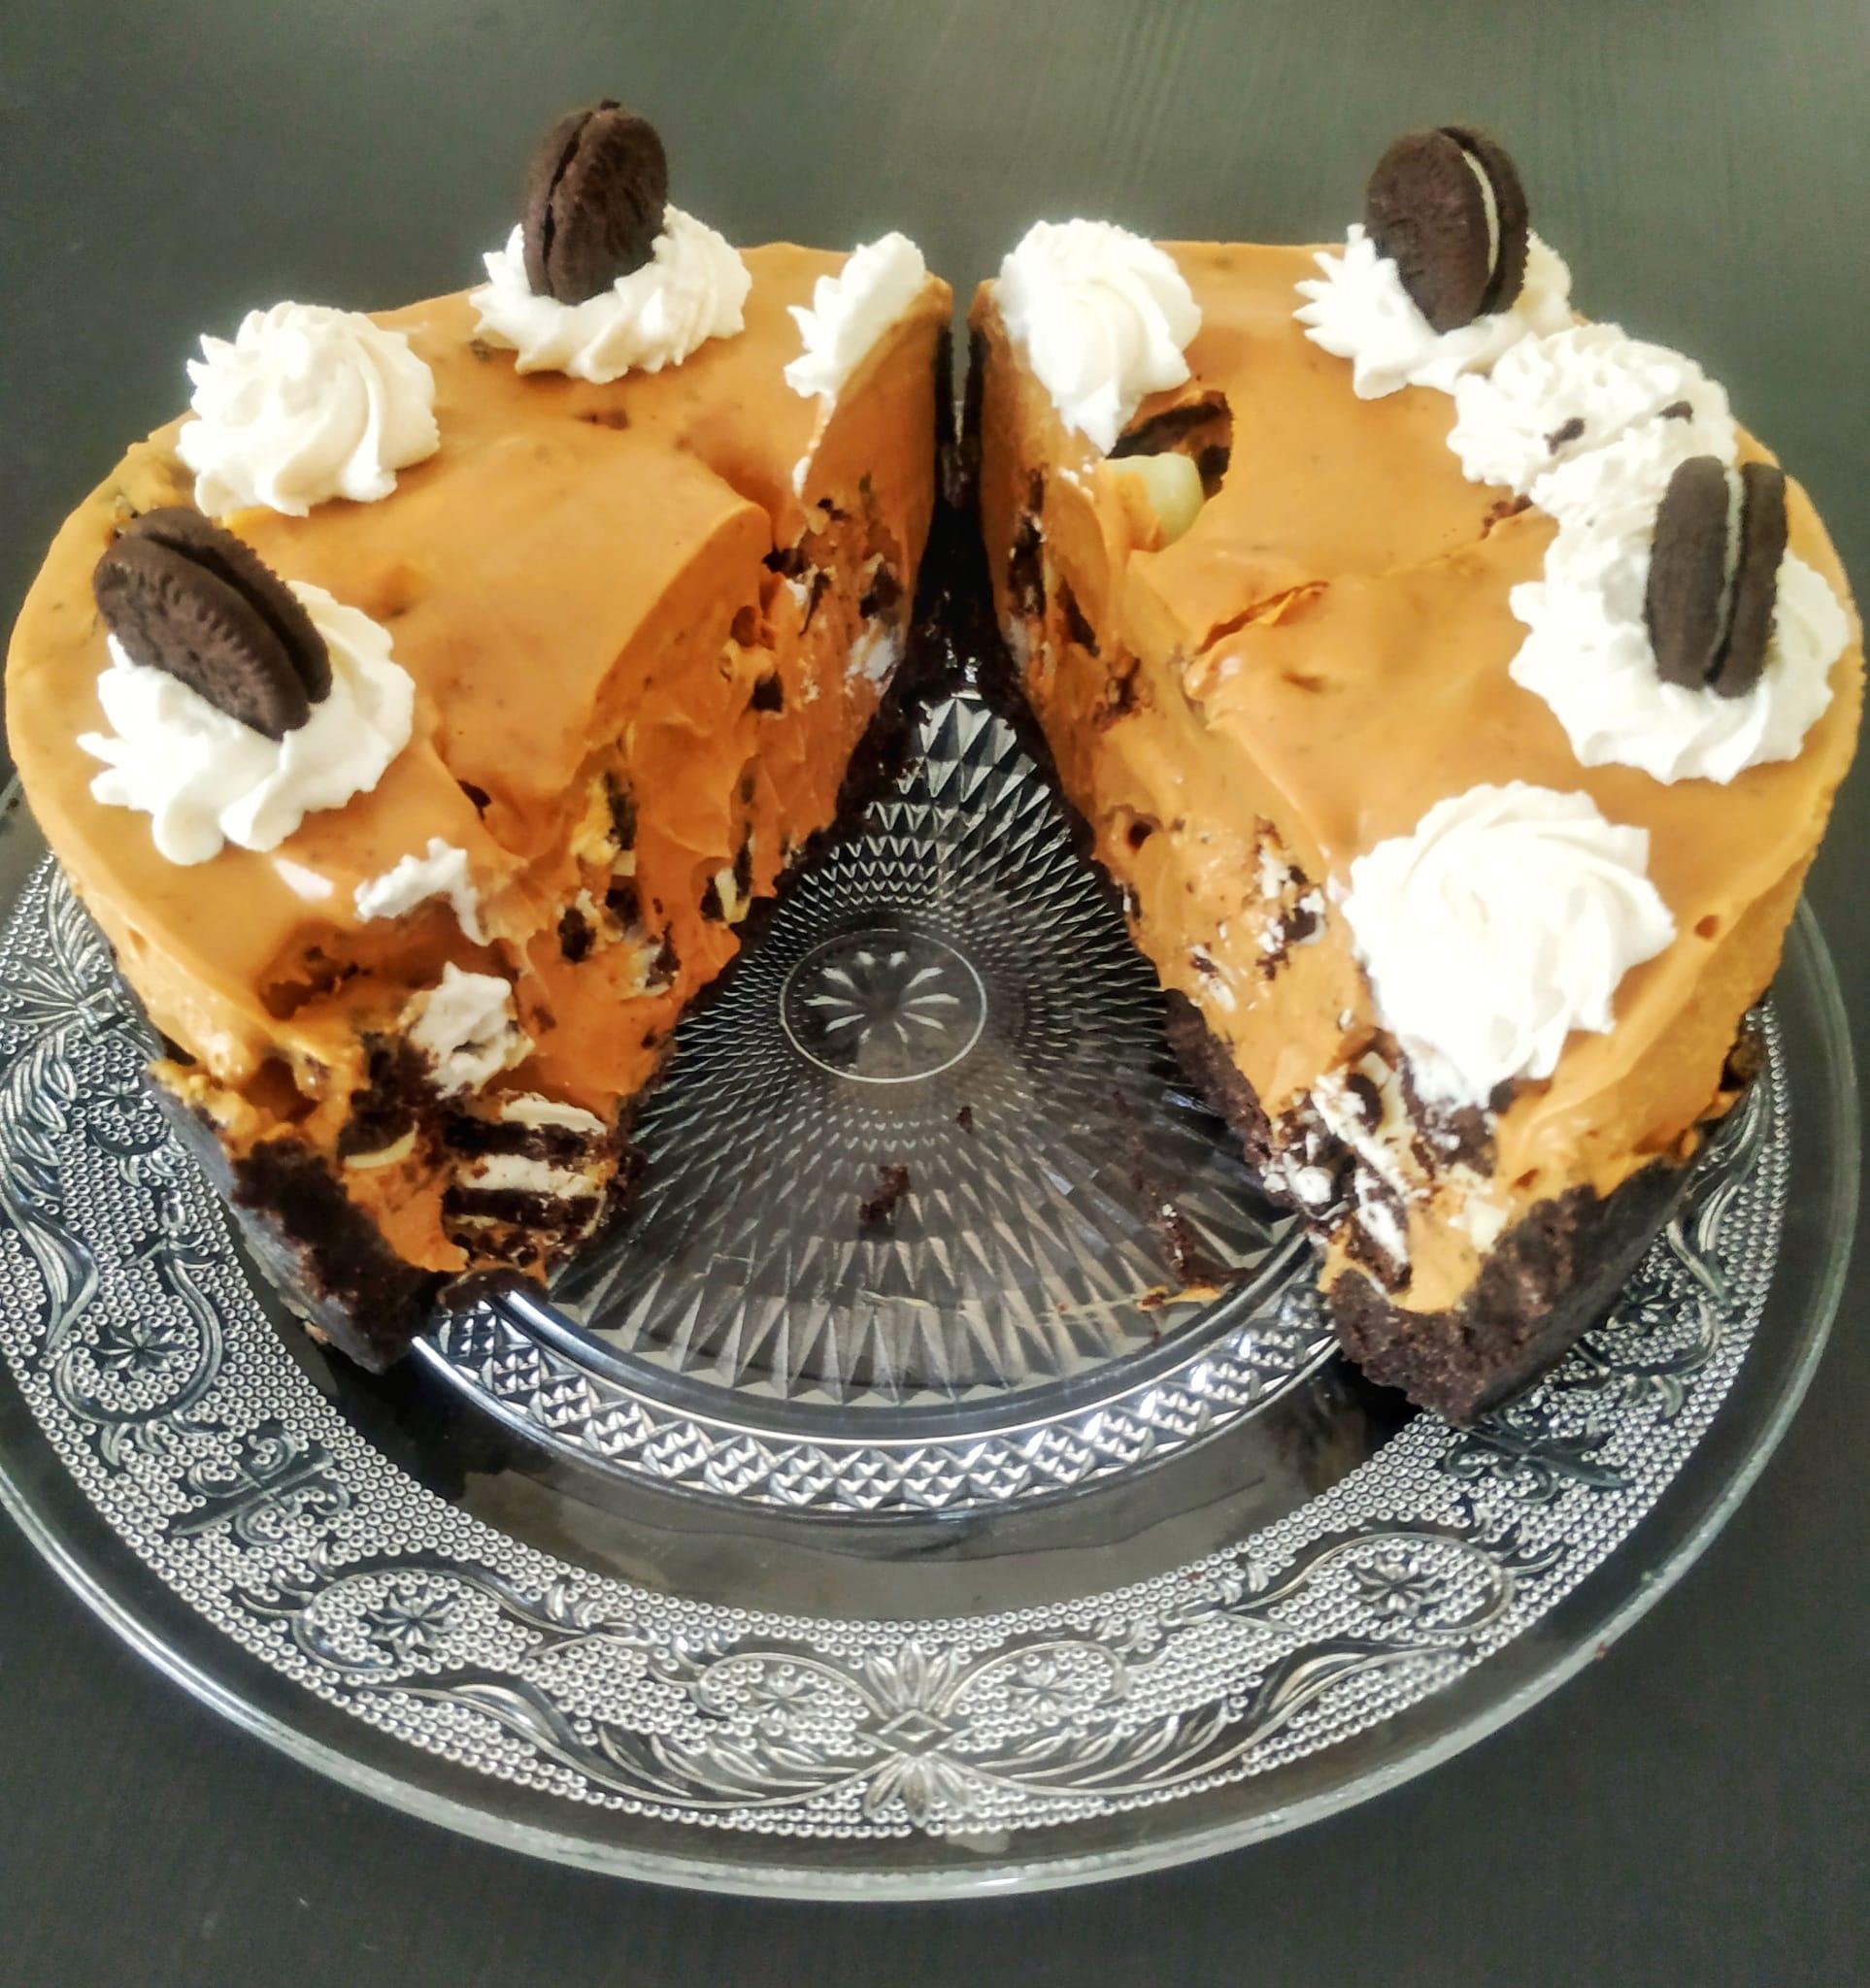 Presentación de la receta de Tarta helada de oreo y dulce de leche